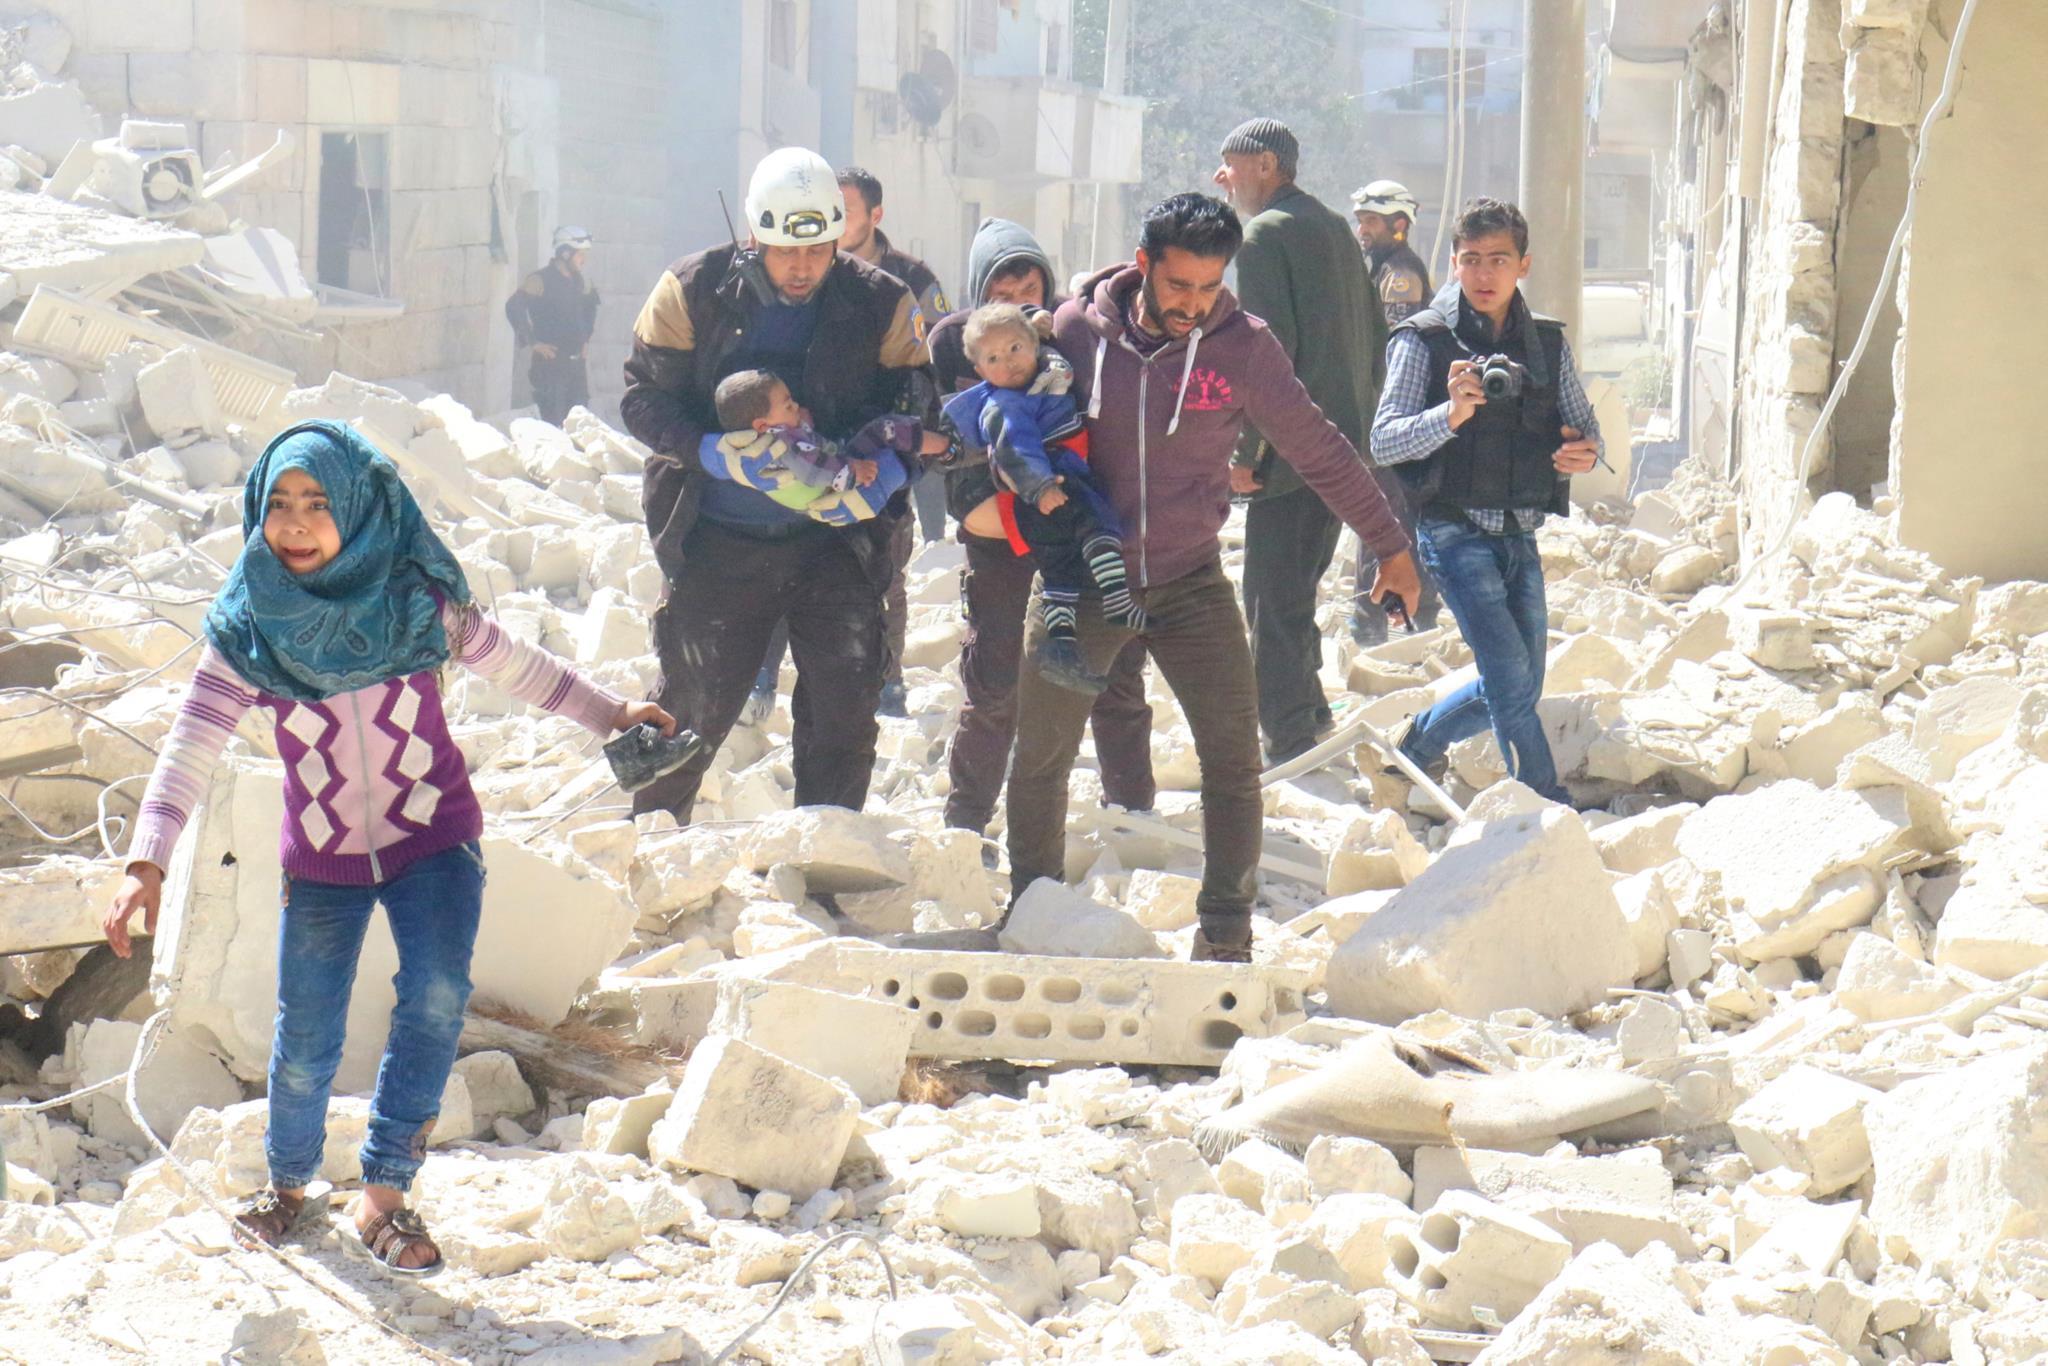 PÚBLICO - Síria: pelo menos 16 mortos em ataques aéreos contra prisão